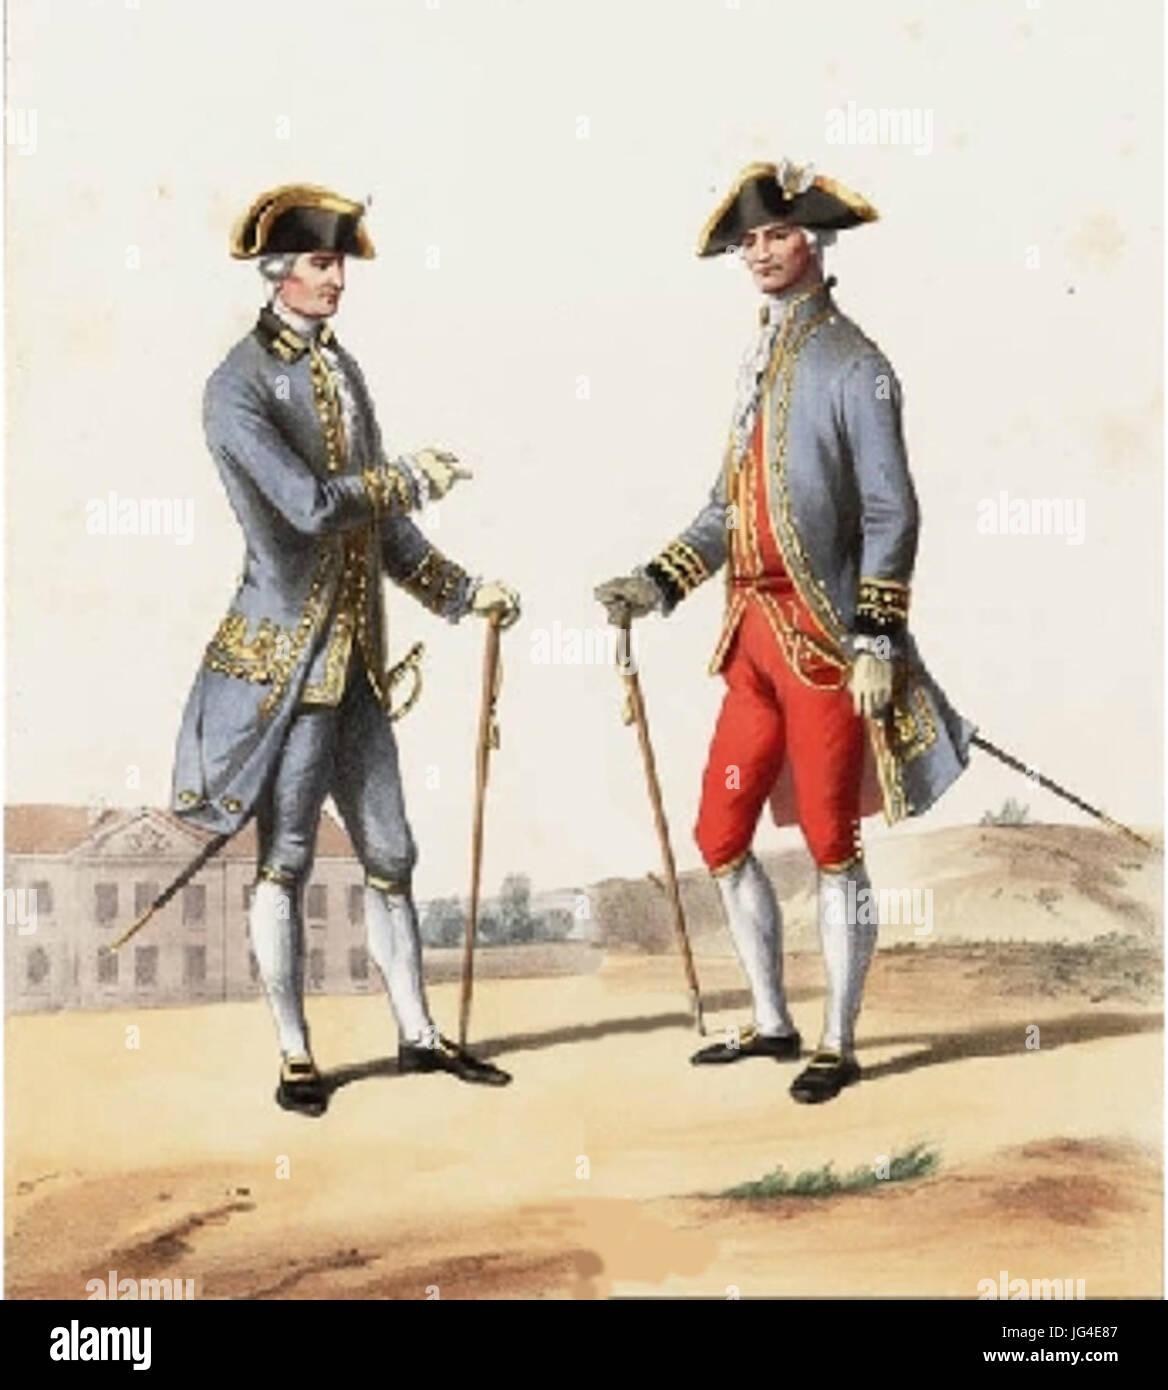 Médecin et Chirurgien militaire Louis XVI - Stock Image